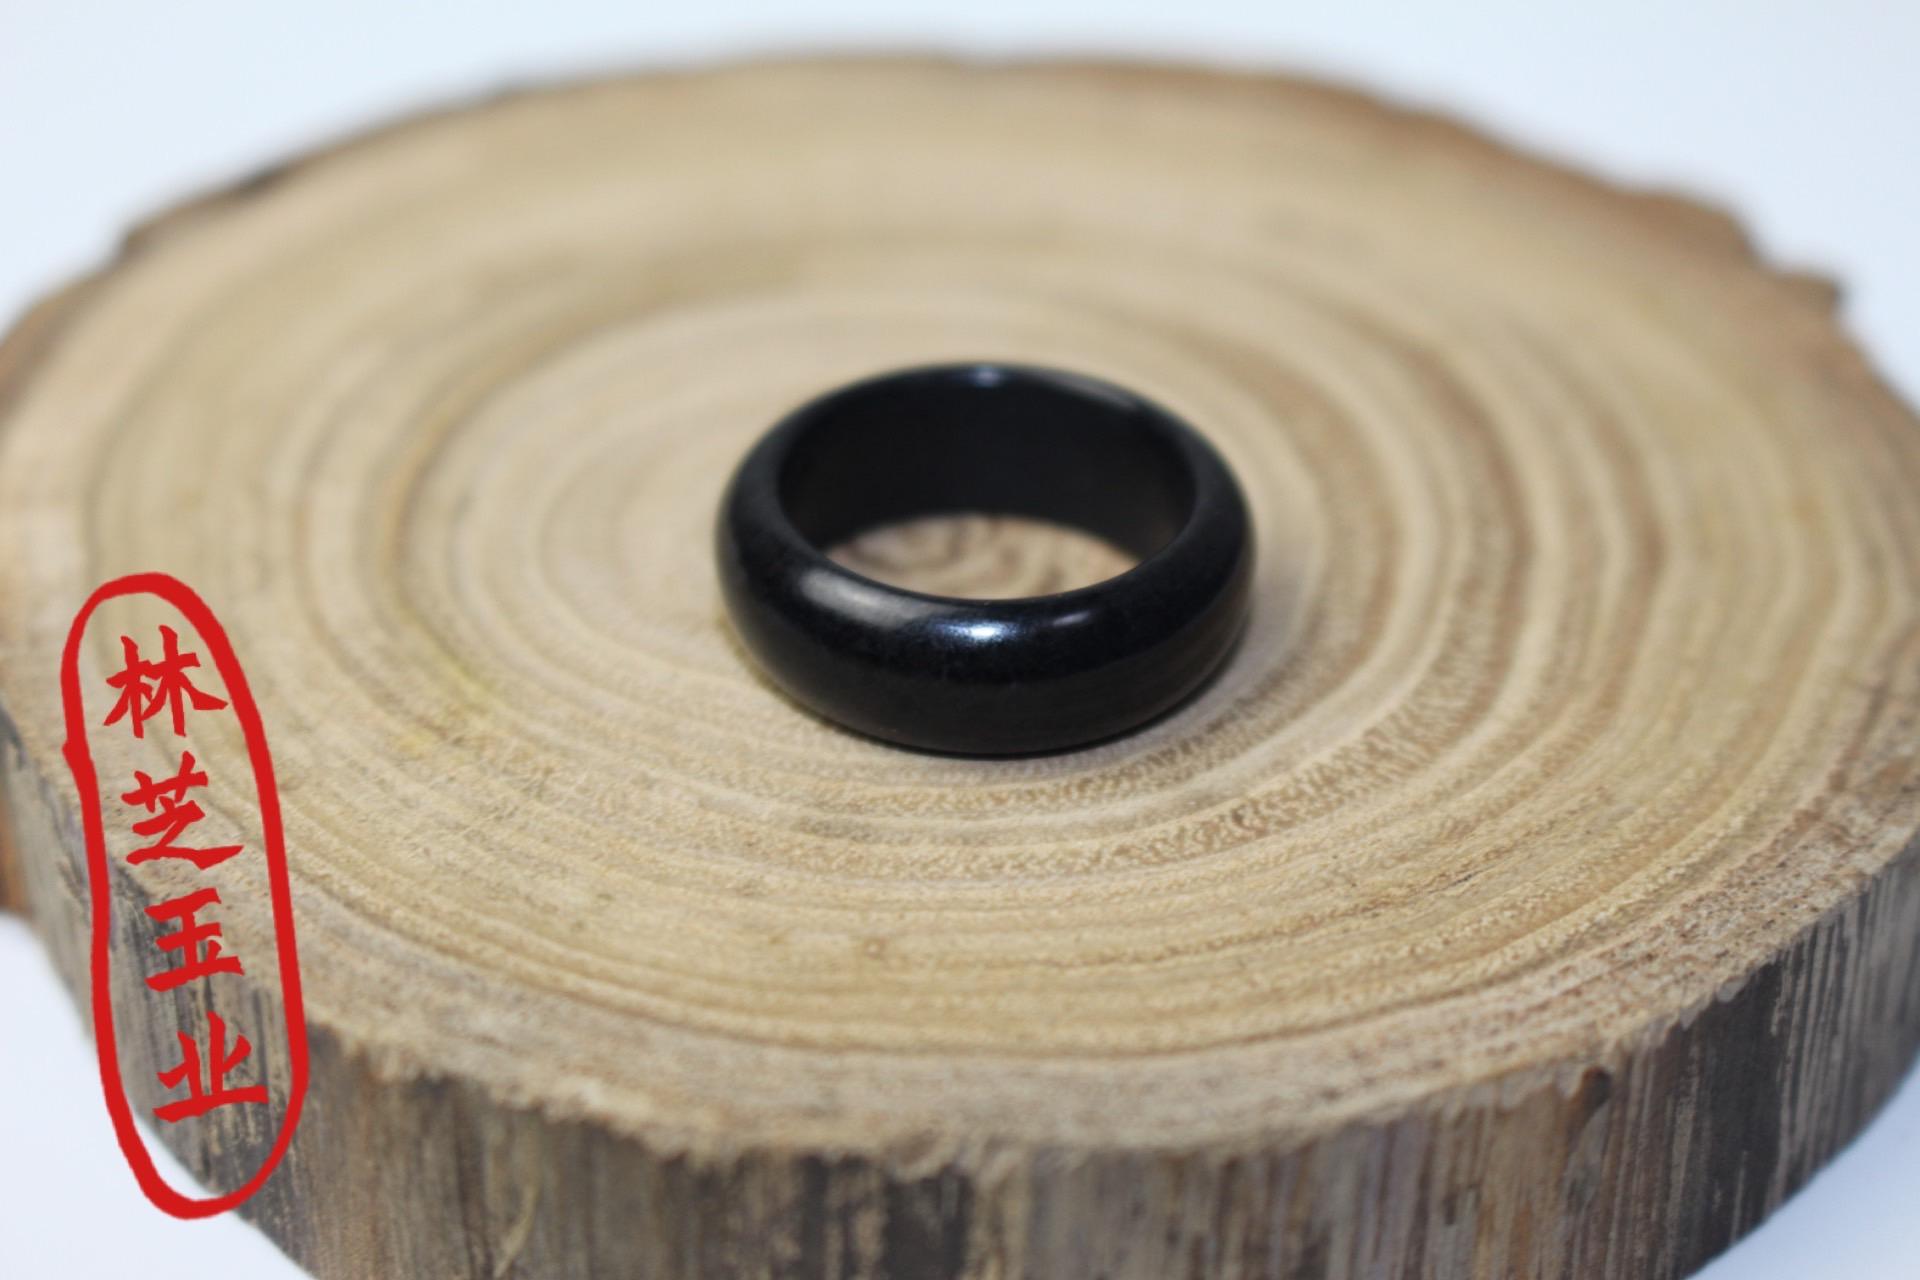 巨漏和田玉墨玉戒指指环扳指全墨聚黑素面戒圈纯天然尾戒复古简约